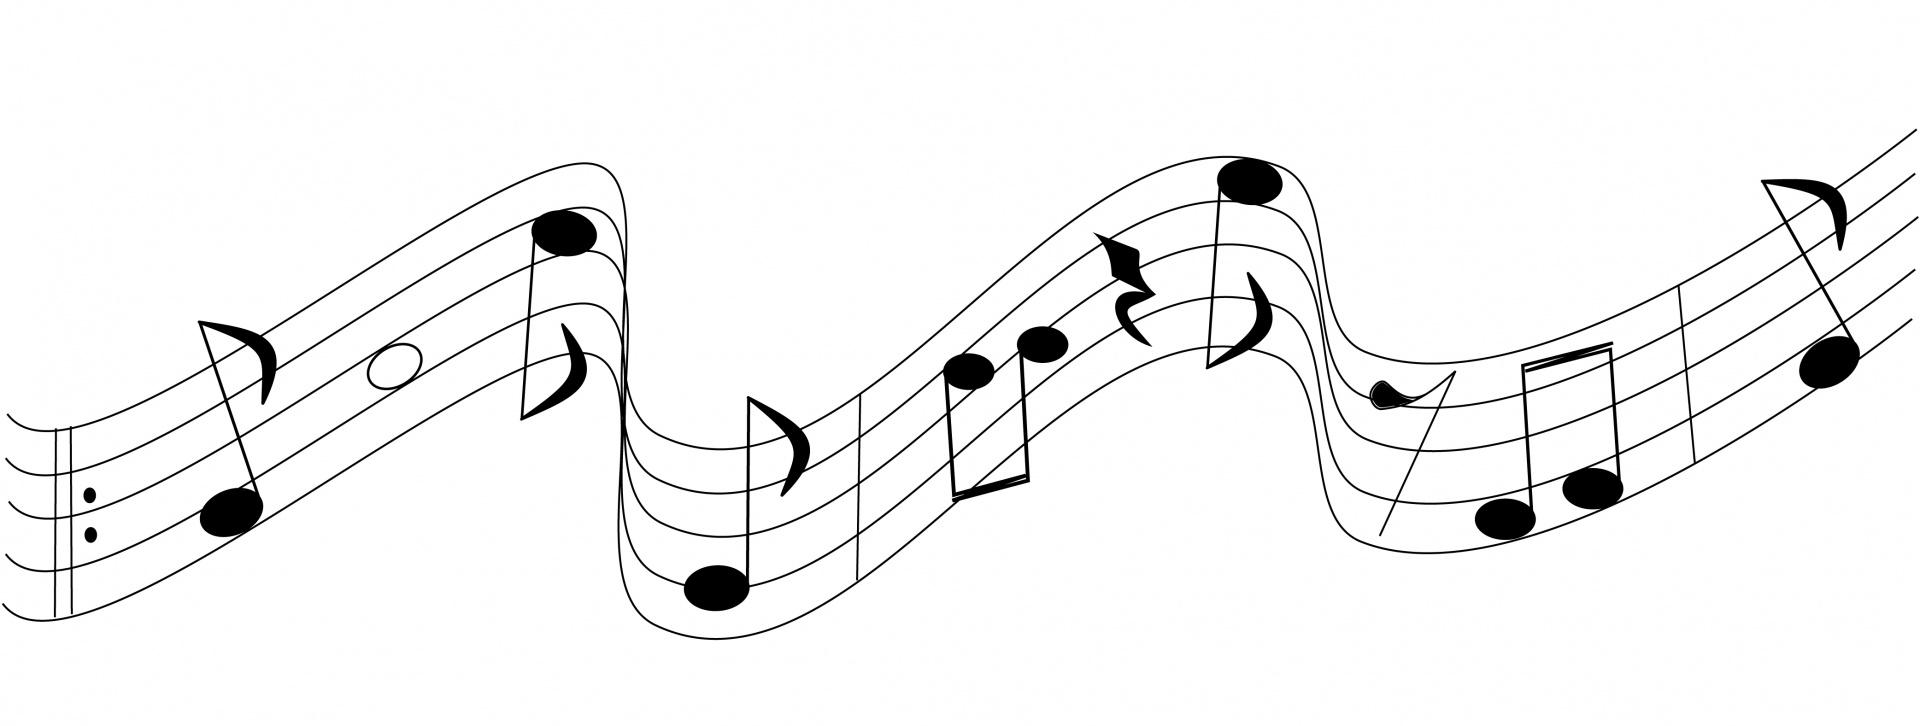 Armonie - Gioielli musicali nella Perla del Friuli. Canto russo